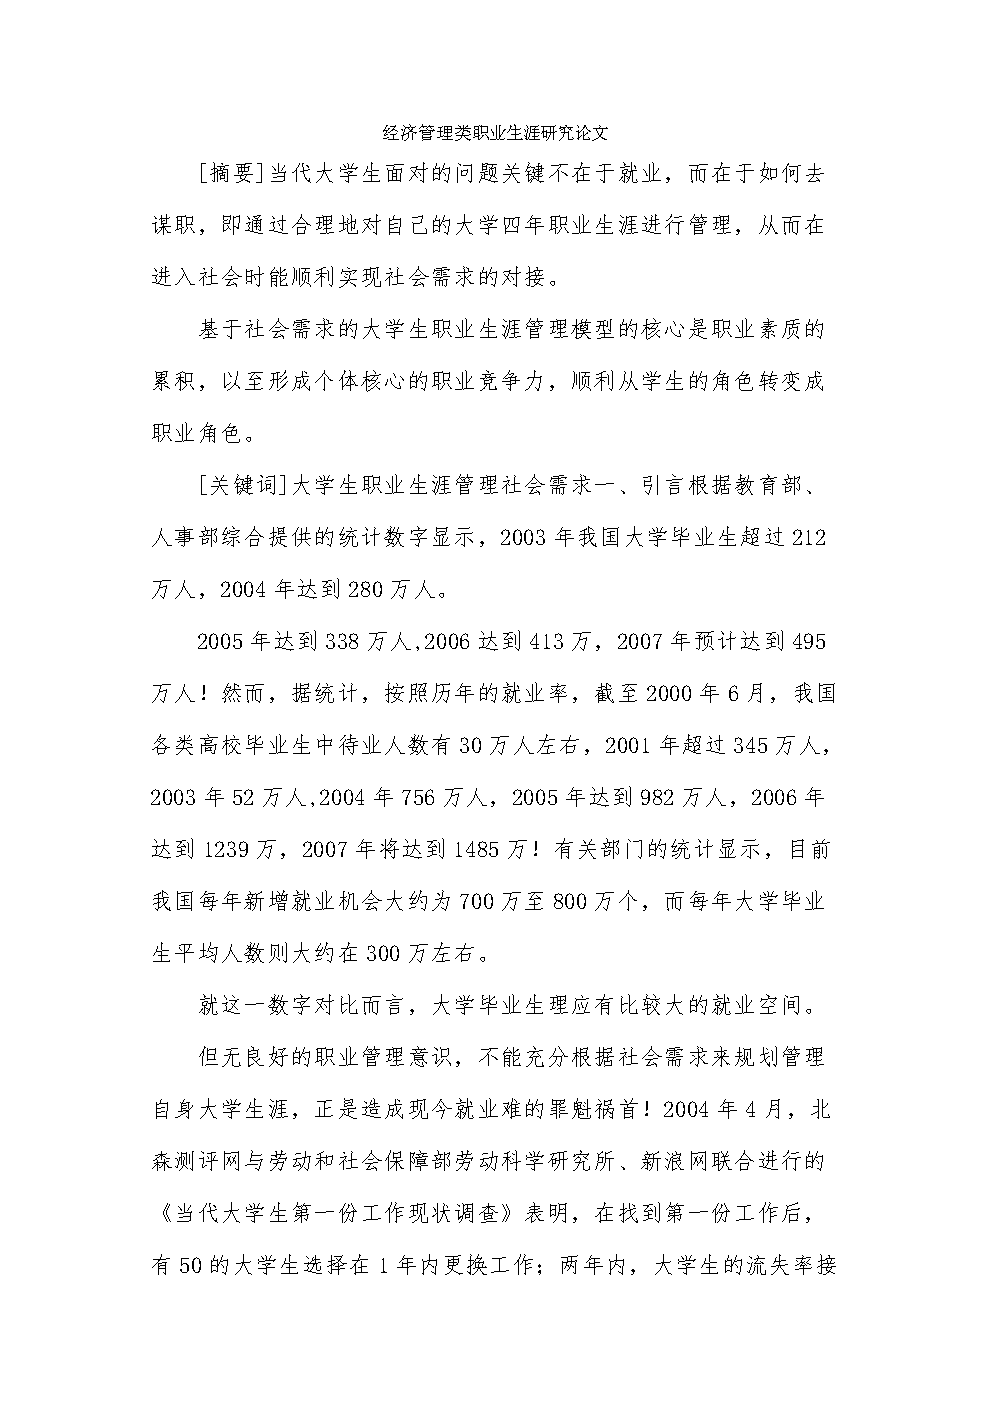 网站首页海量文档>企划文宣(策划商业)>文书应用书1沙丁鱼肚里的白带图片